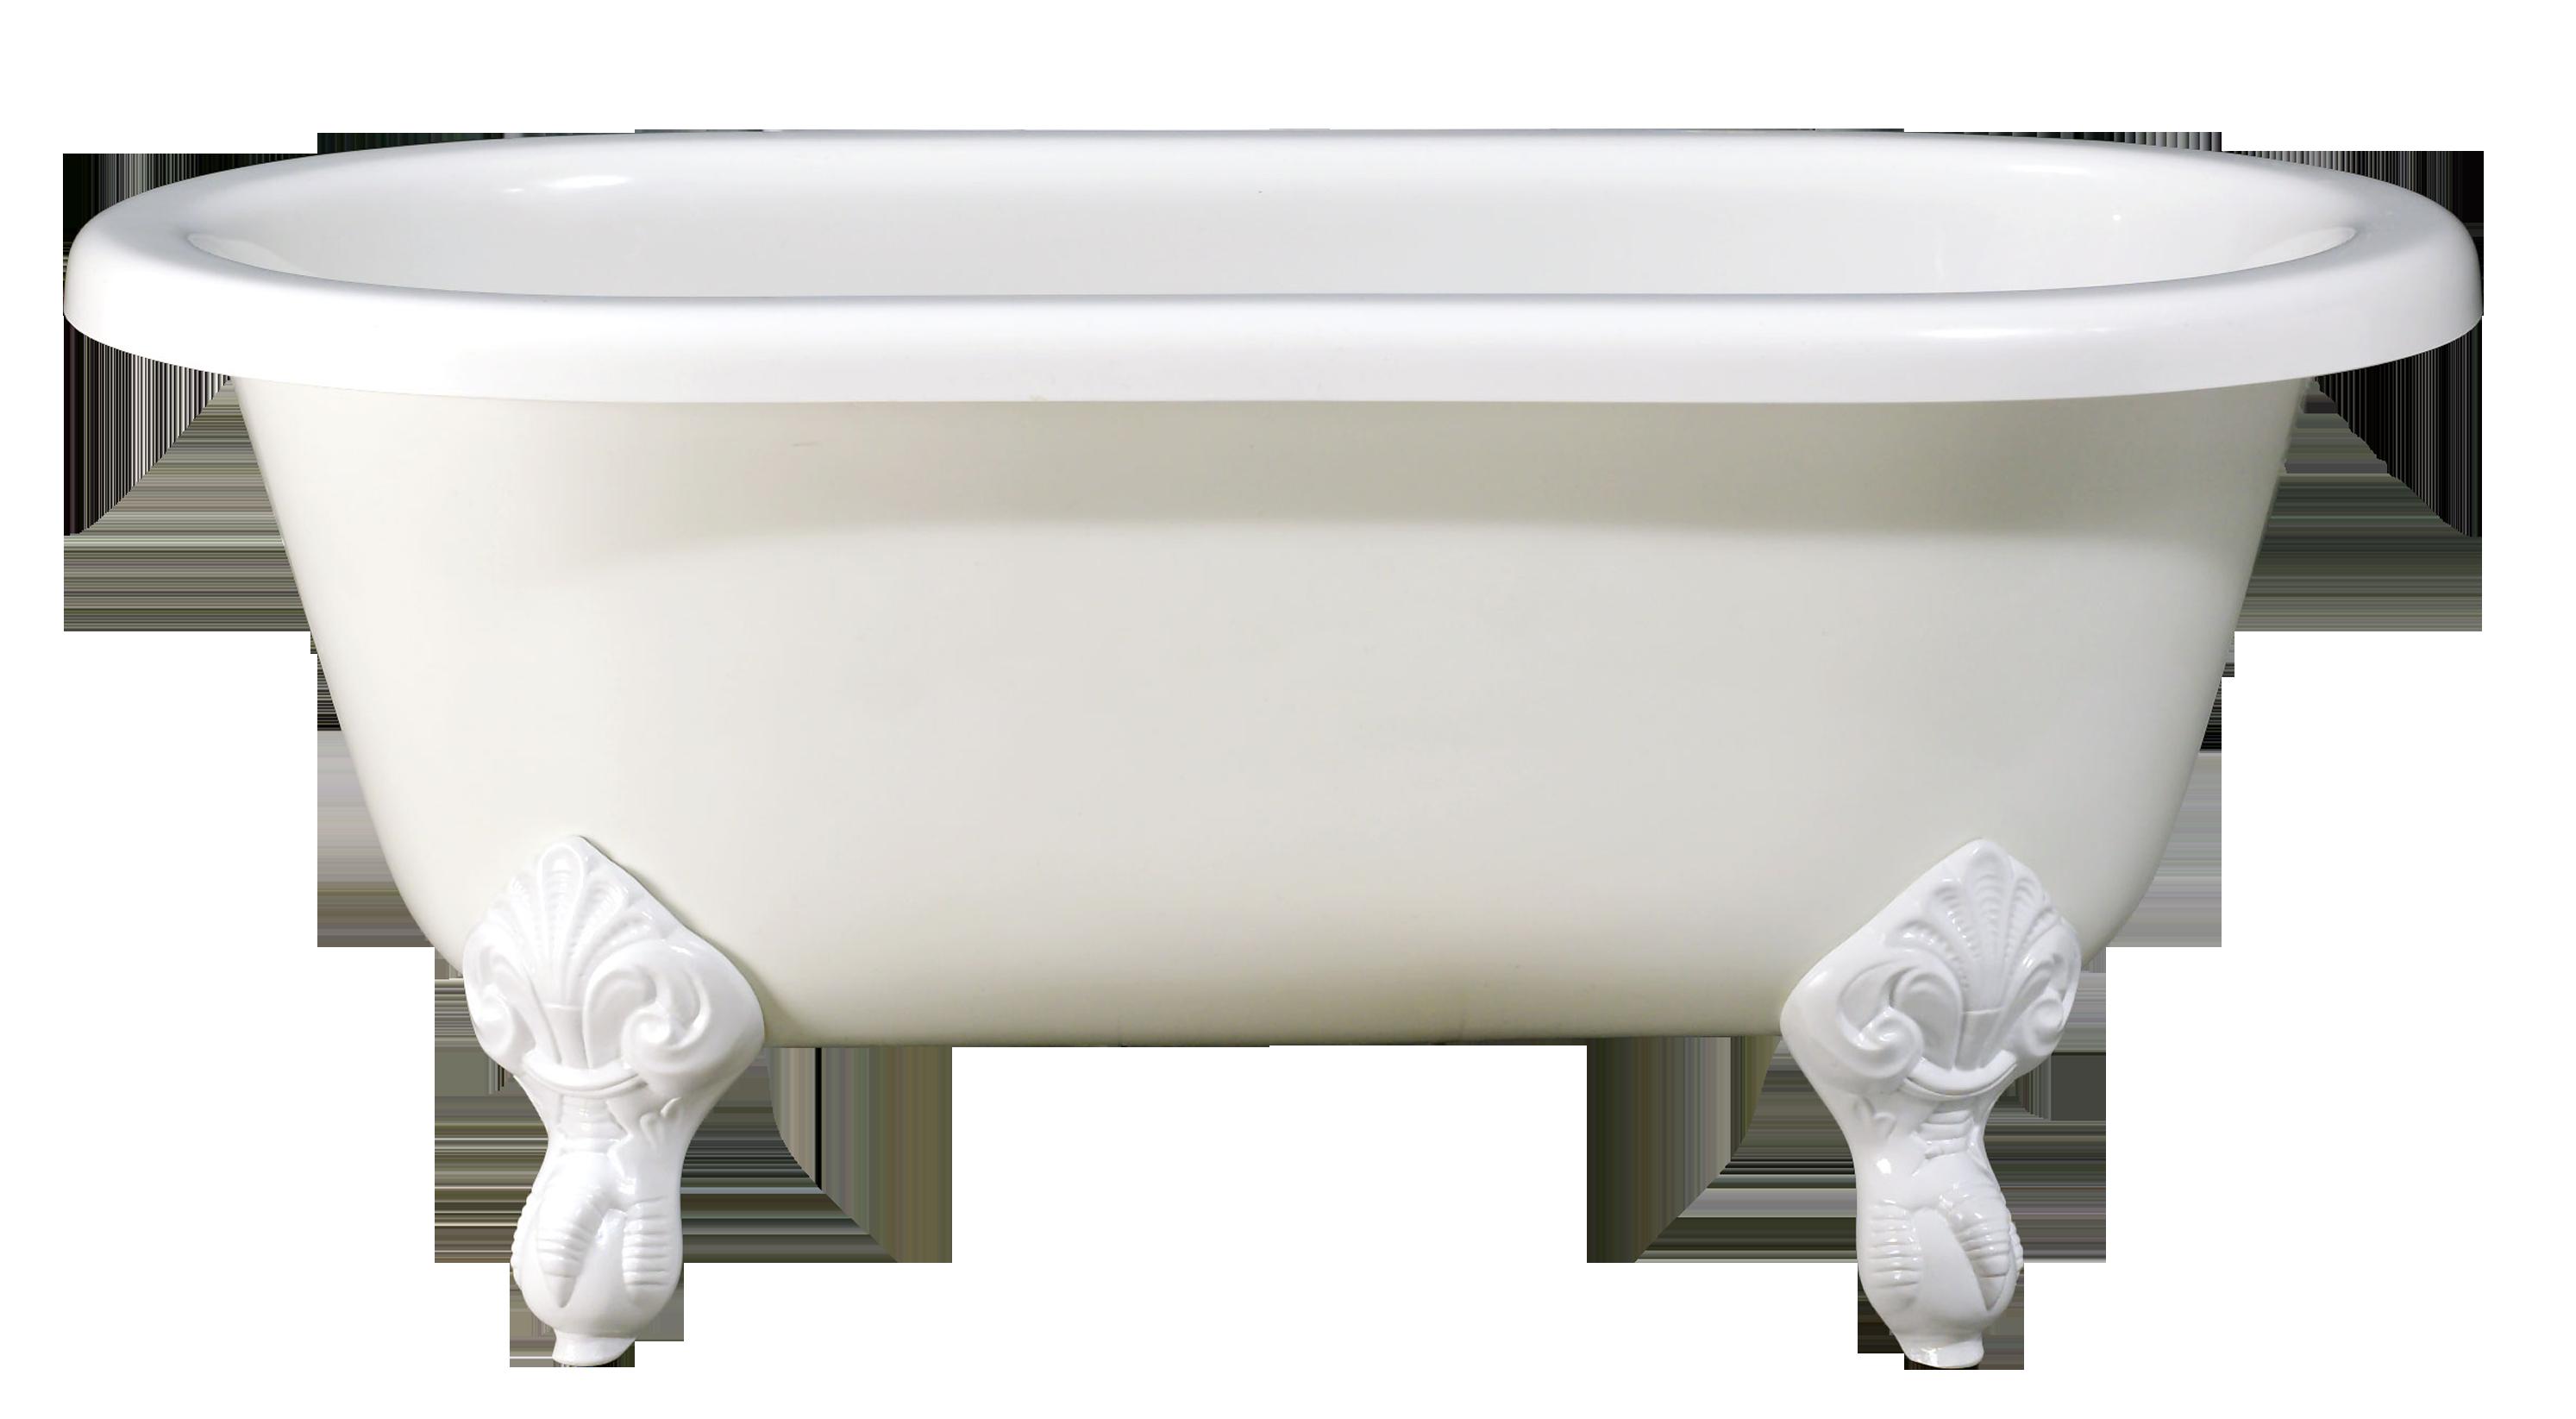 White Bathtub Png image #44772